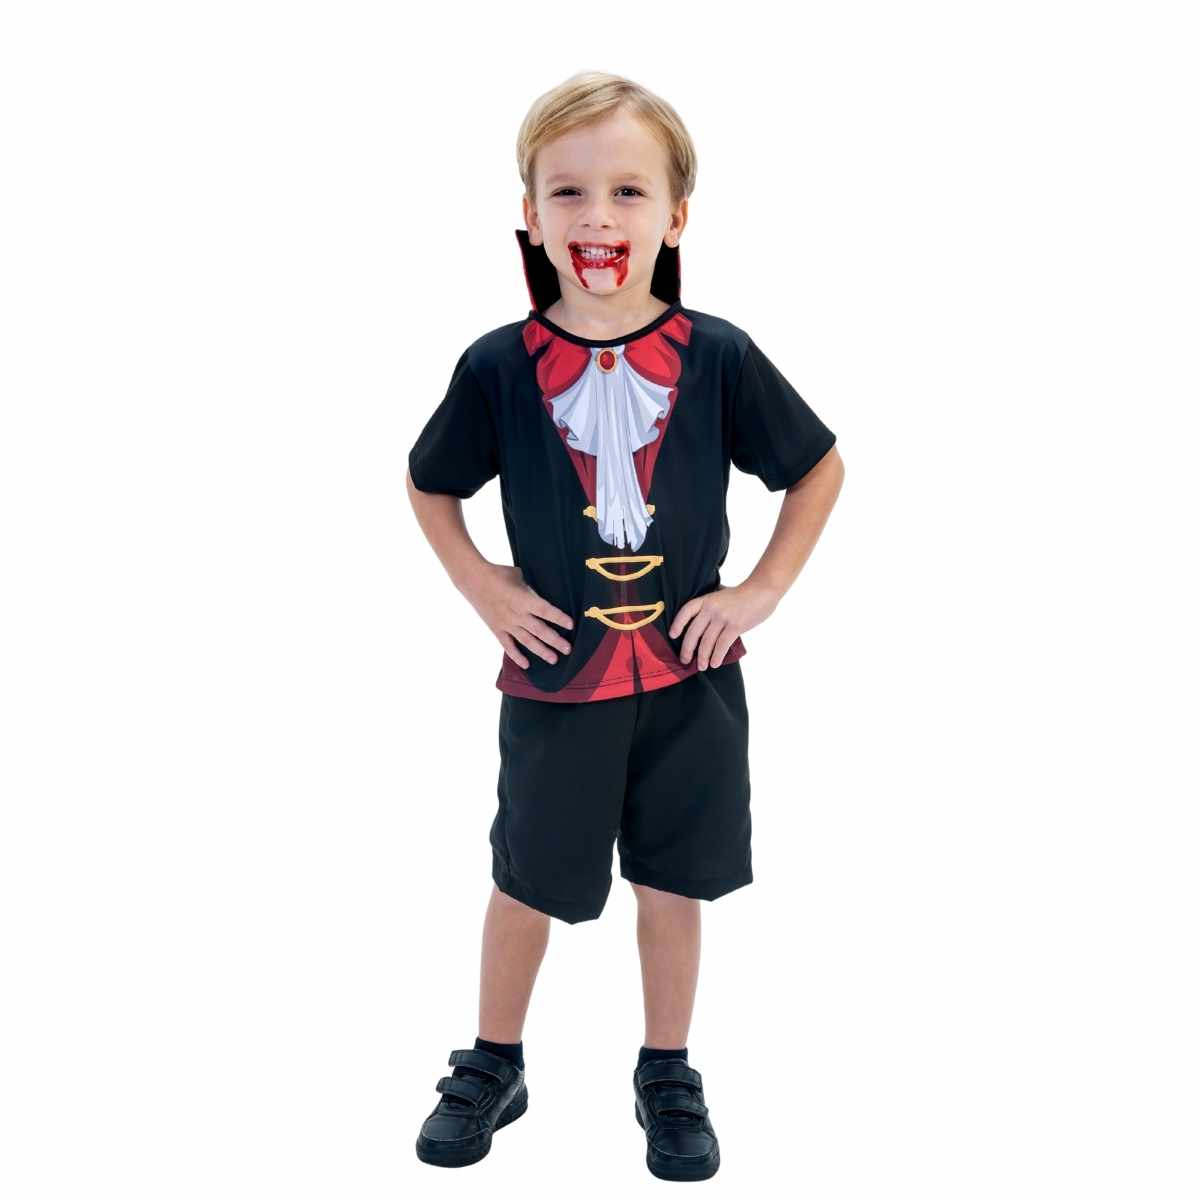 Fantasia Vampiro Infantil Curto